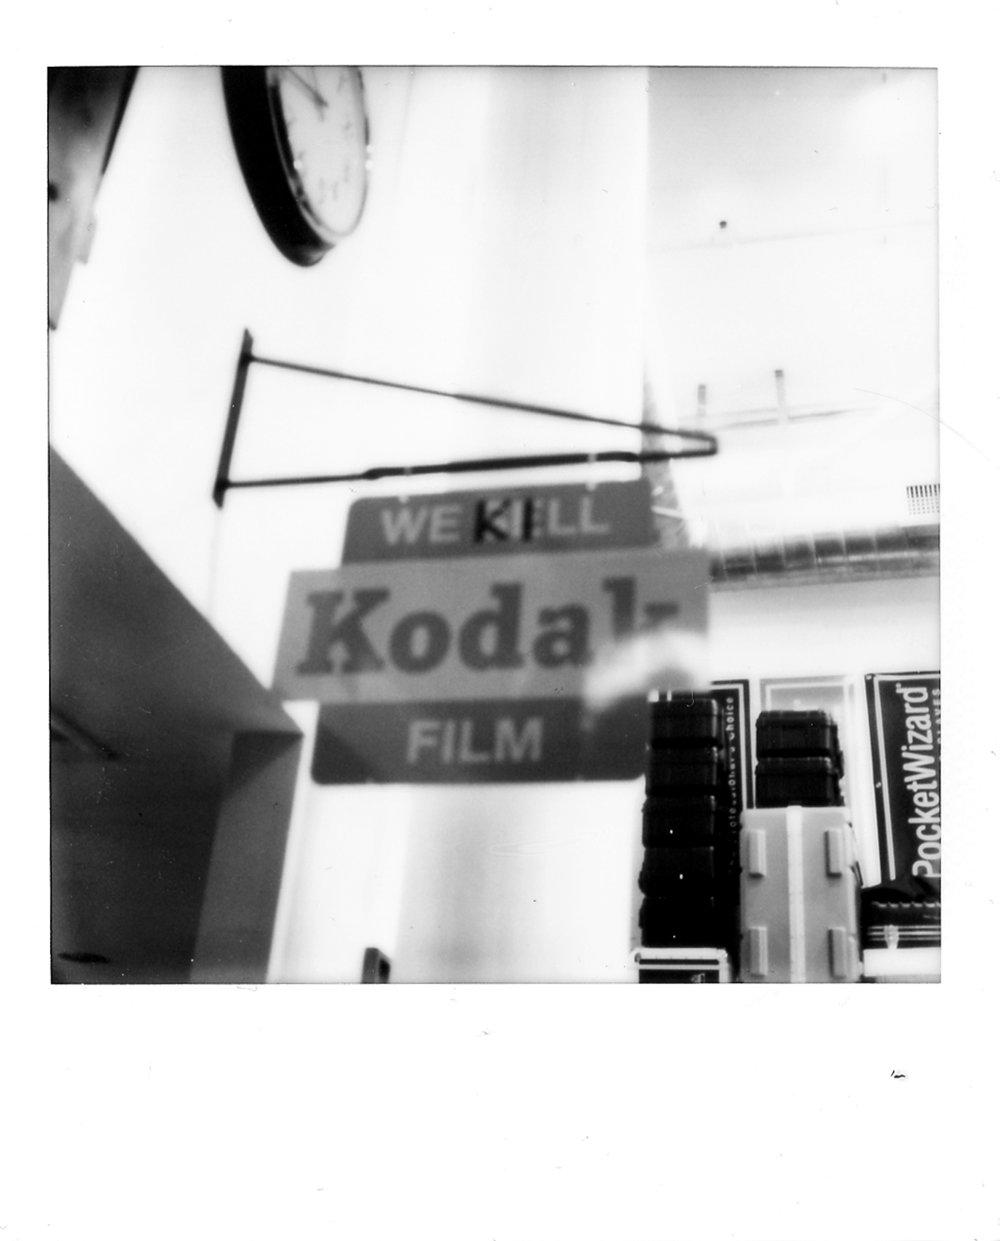 Leica061.jpg